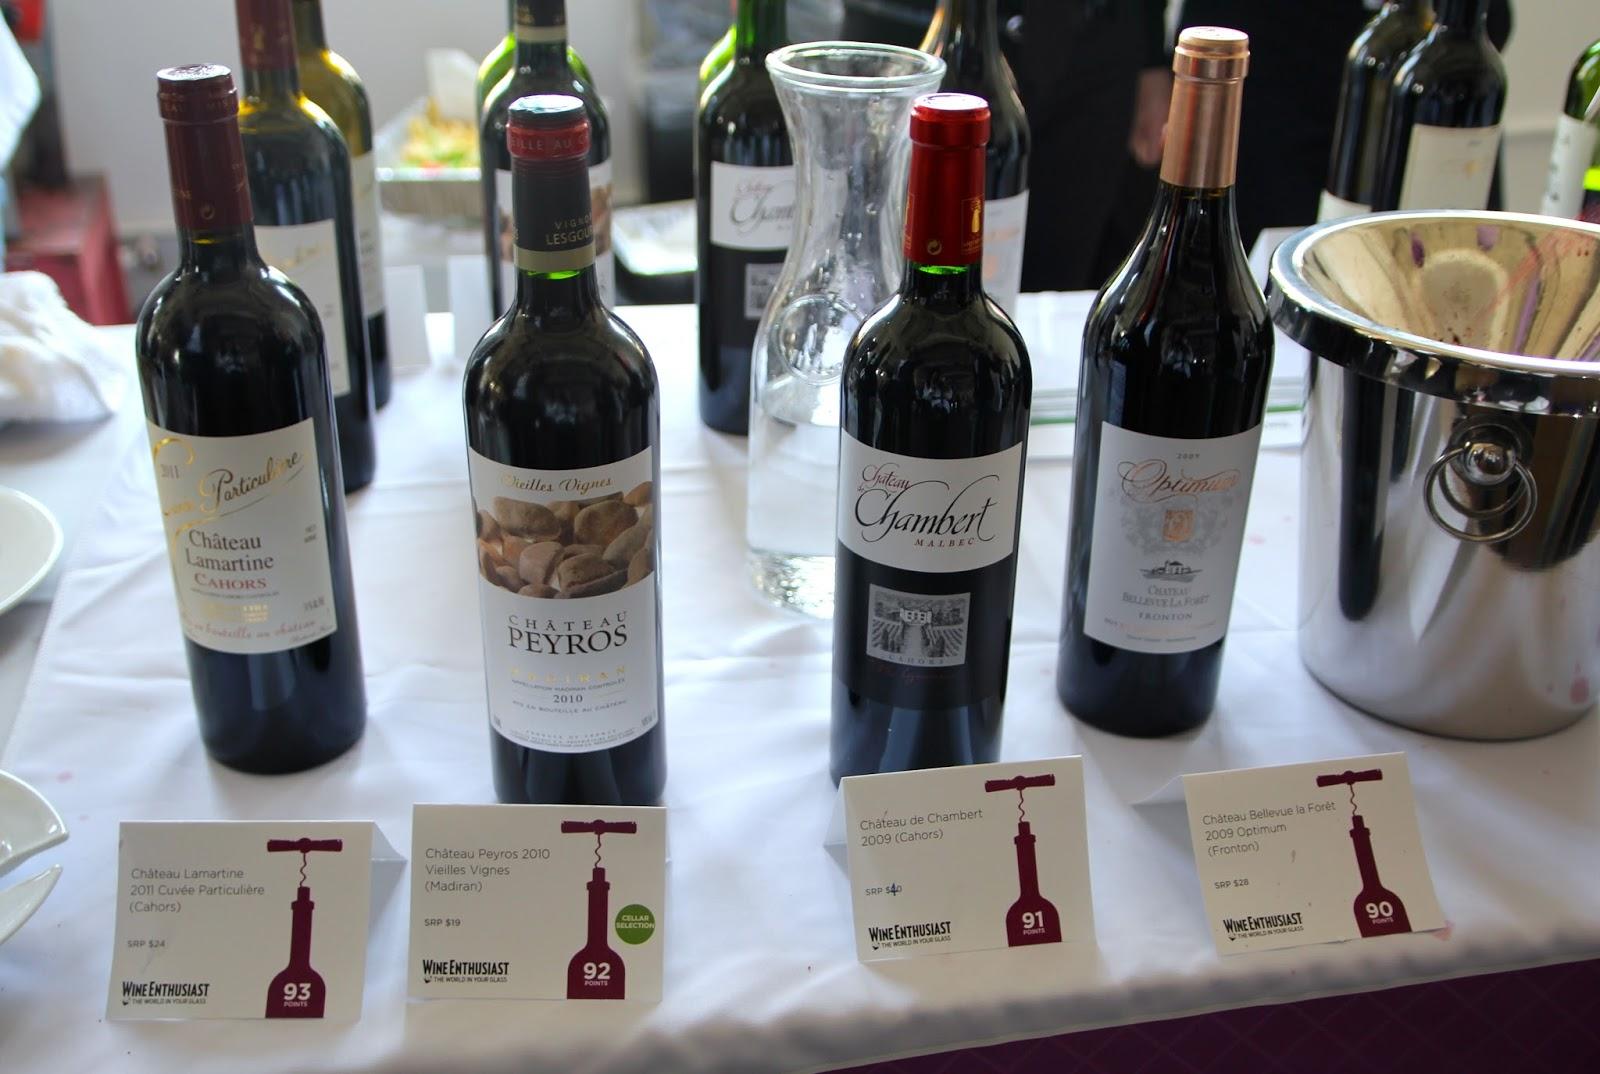 le club francais du vin Le club français du vin, leader historique de la vente de vin par correspondance en france, poursuit sa dynamique de croissance et reprend l'activité mon caviste à la maison, qui organise des dégustations-ventes de vin au domicile de clients particuliers.